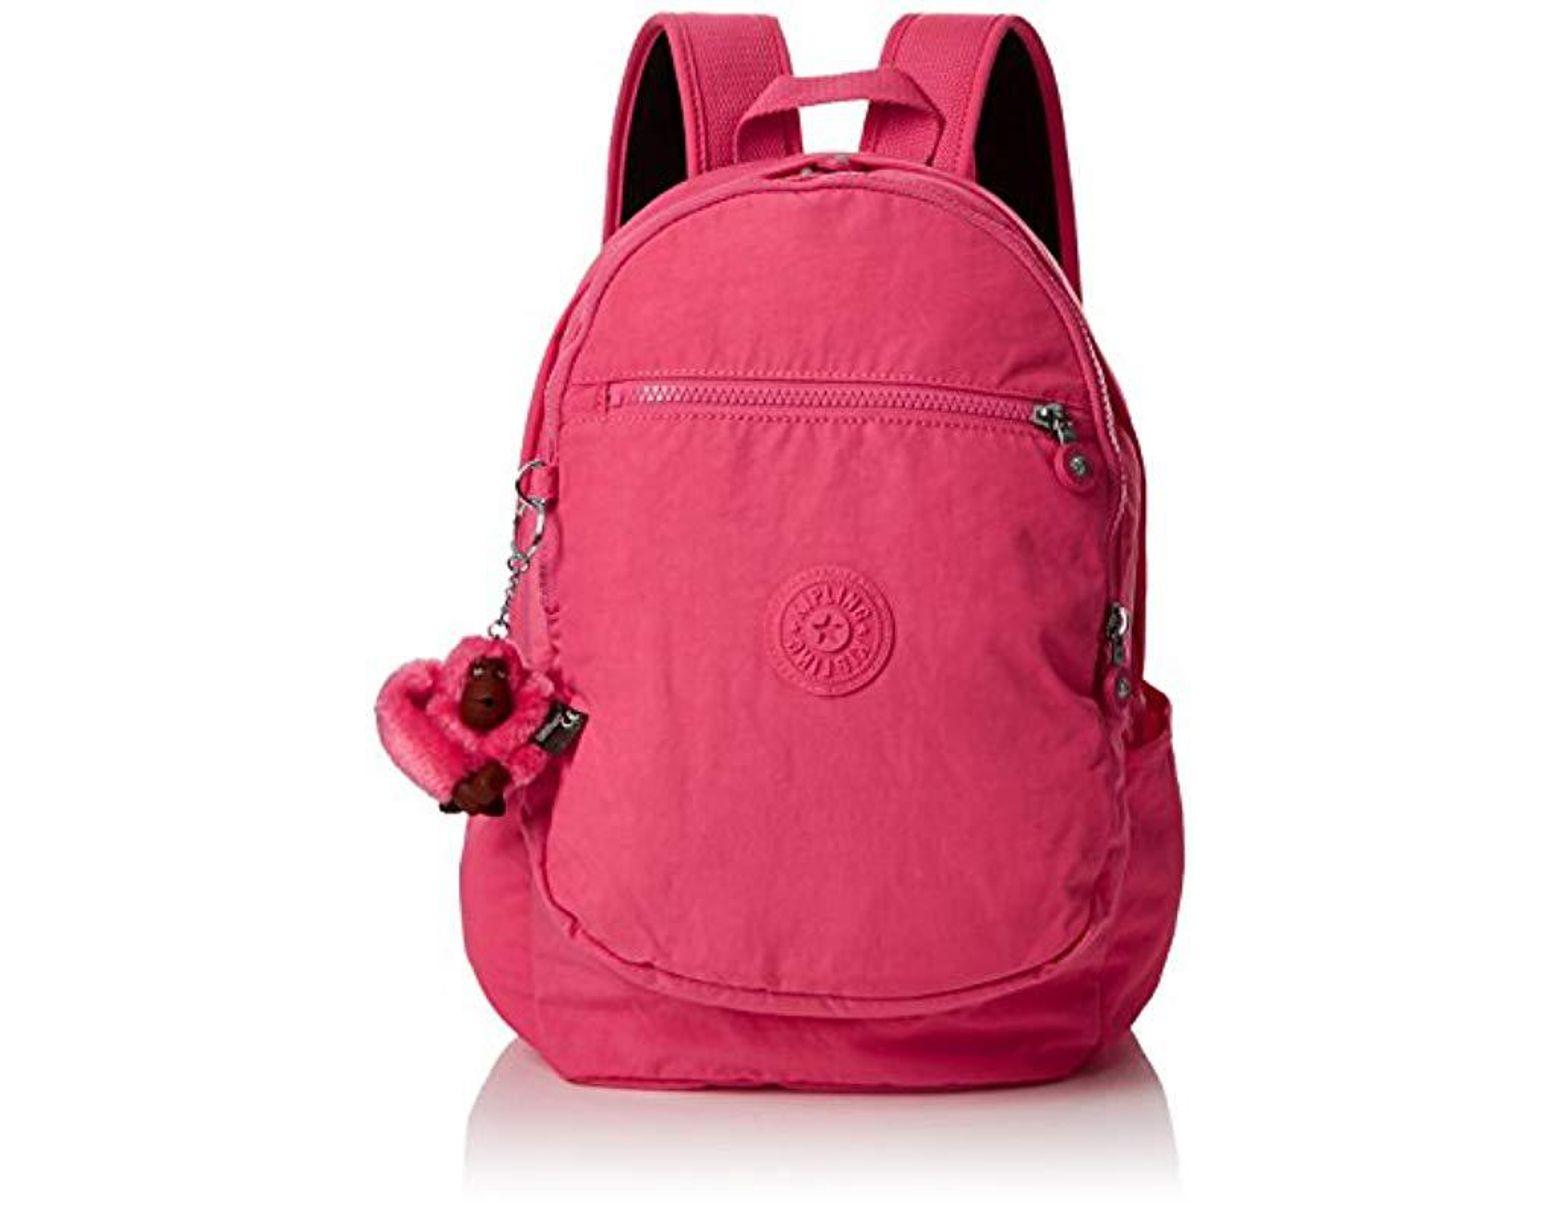 387763c917 Kipling Clas Challenger Backpack Handbags in Pink - Save 45% - Lyst